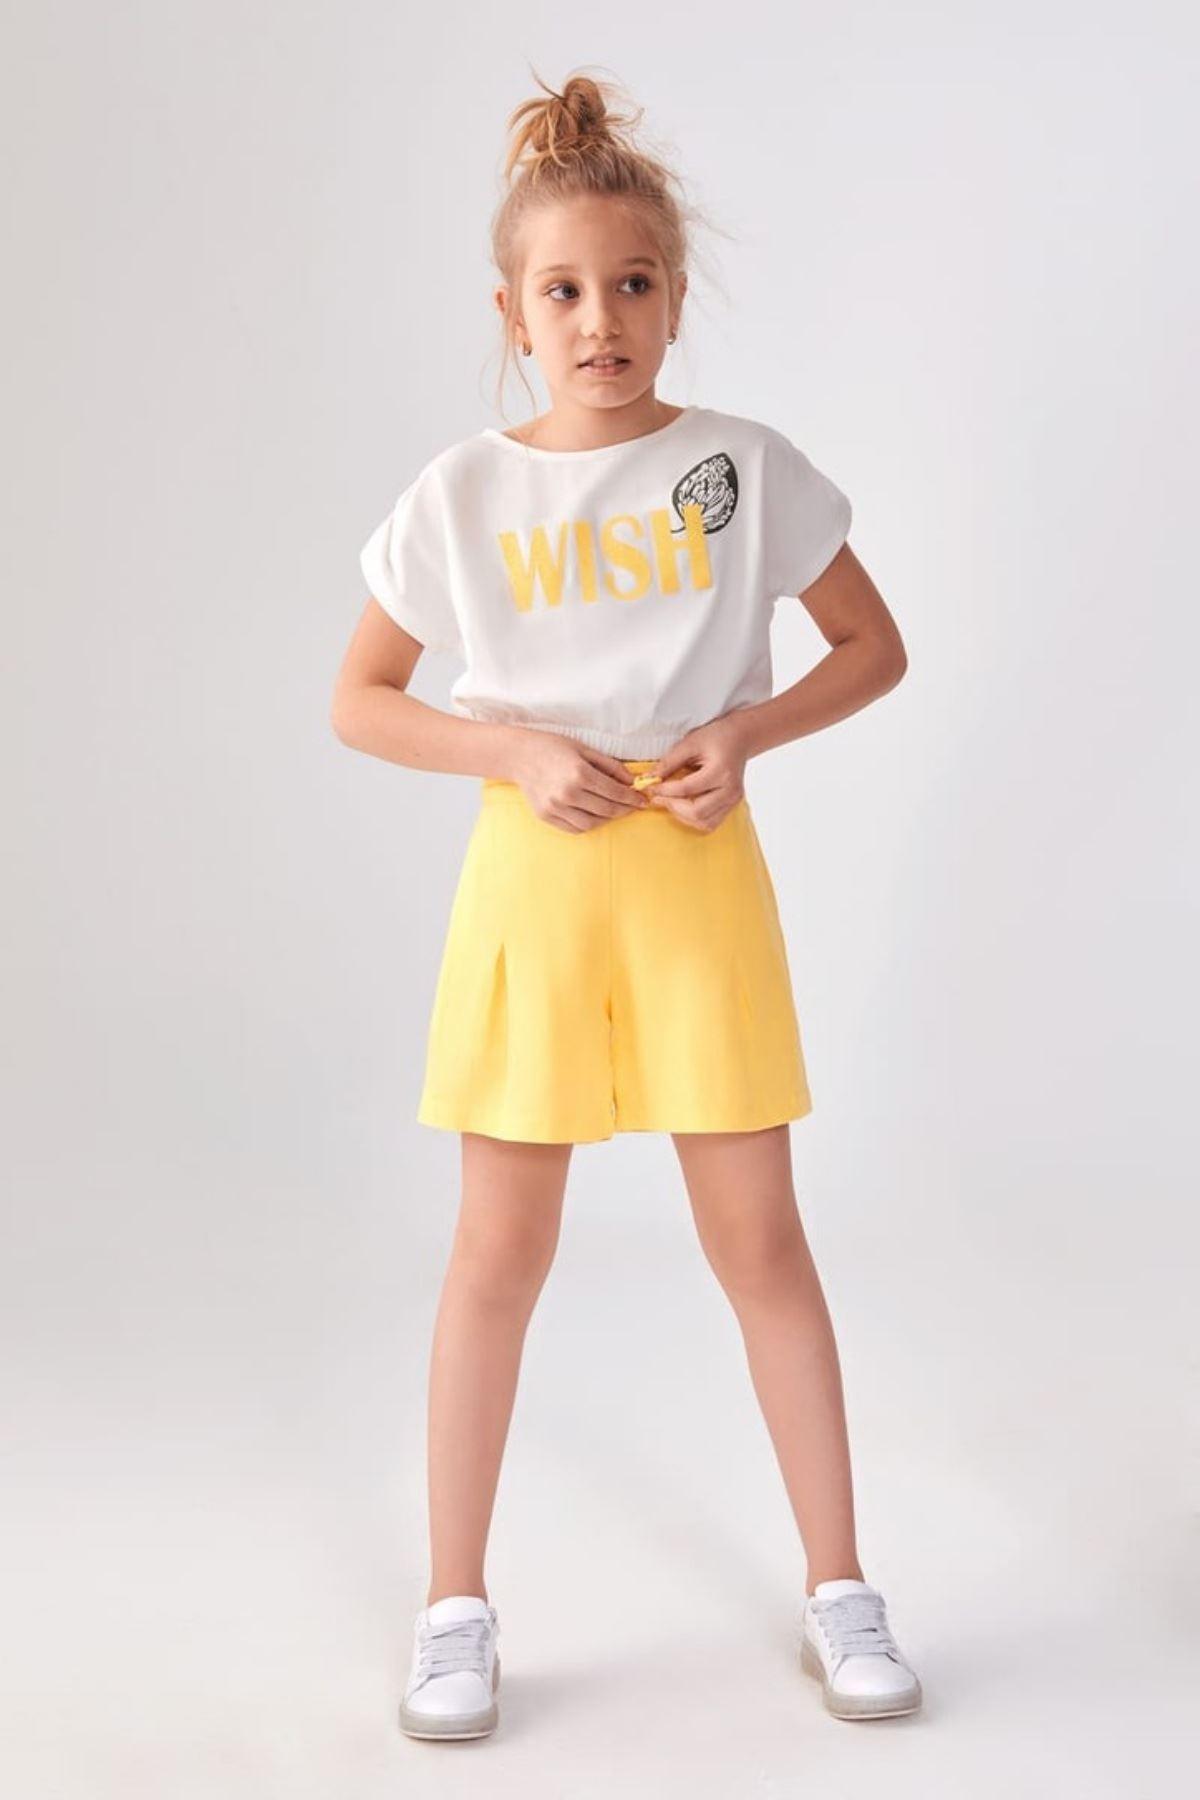 Wish Sarı Şortlu Takım